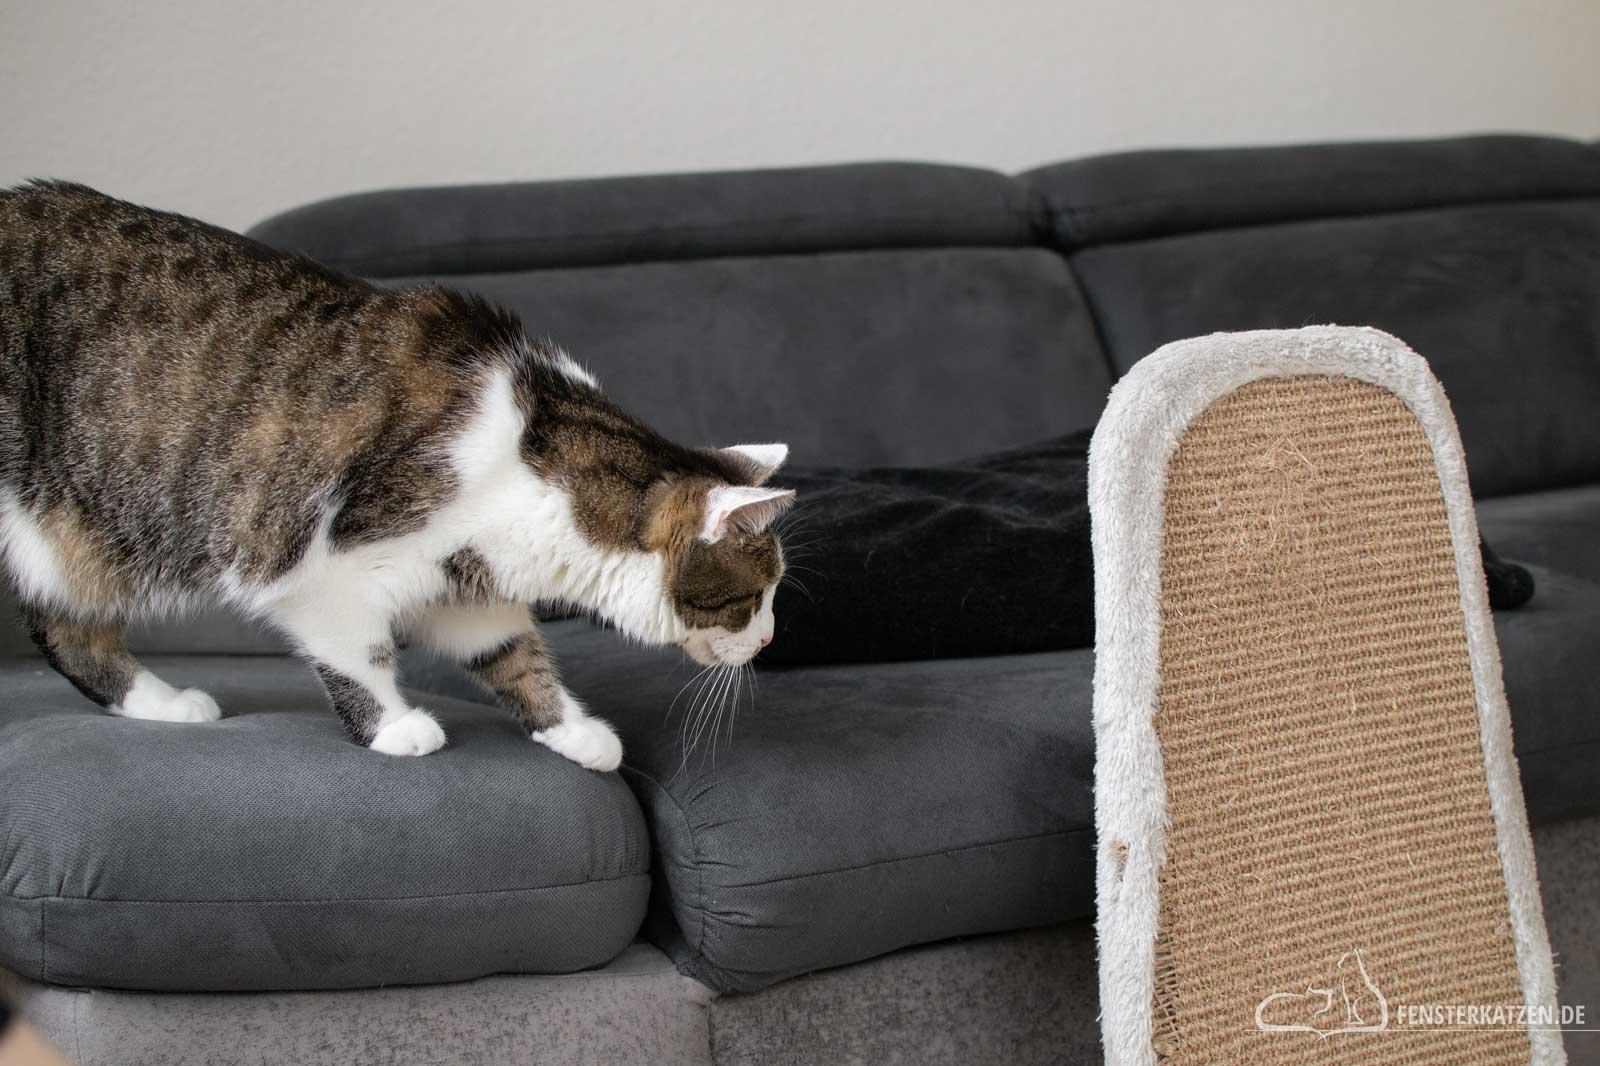 Fensterkatzen-Ratgeber-Wie-spielt-man-richtig-mit-Katzen-Katze-beobachtet-2